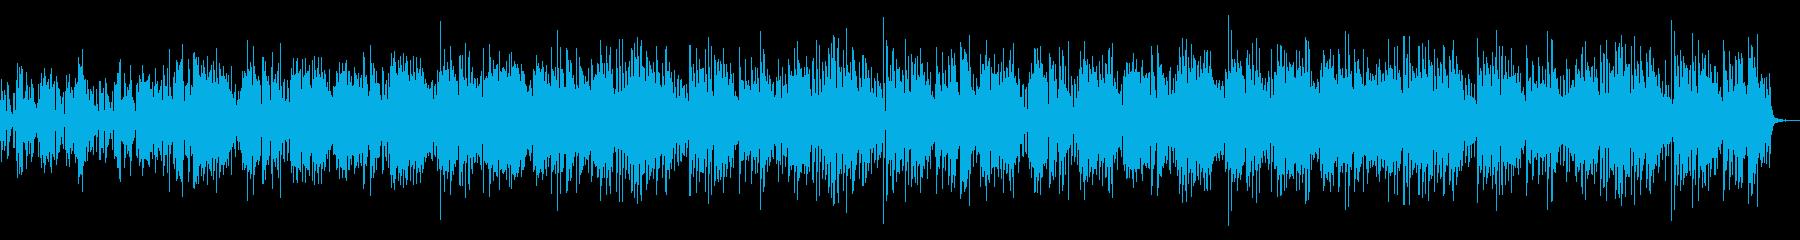 幸せをイメージした生演奏ウクレレポップの再生済みの波形